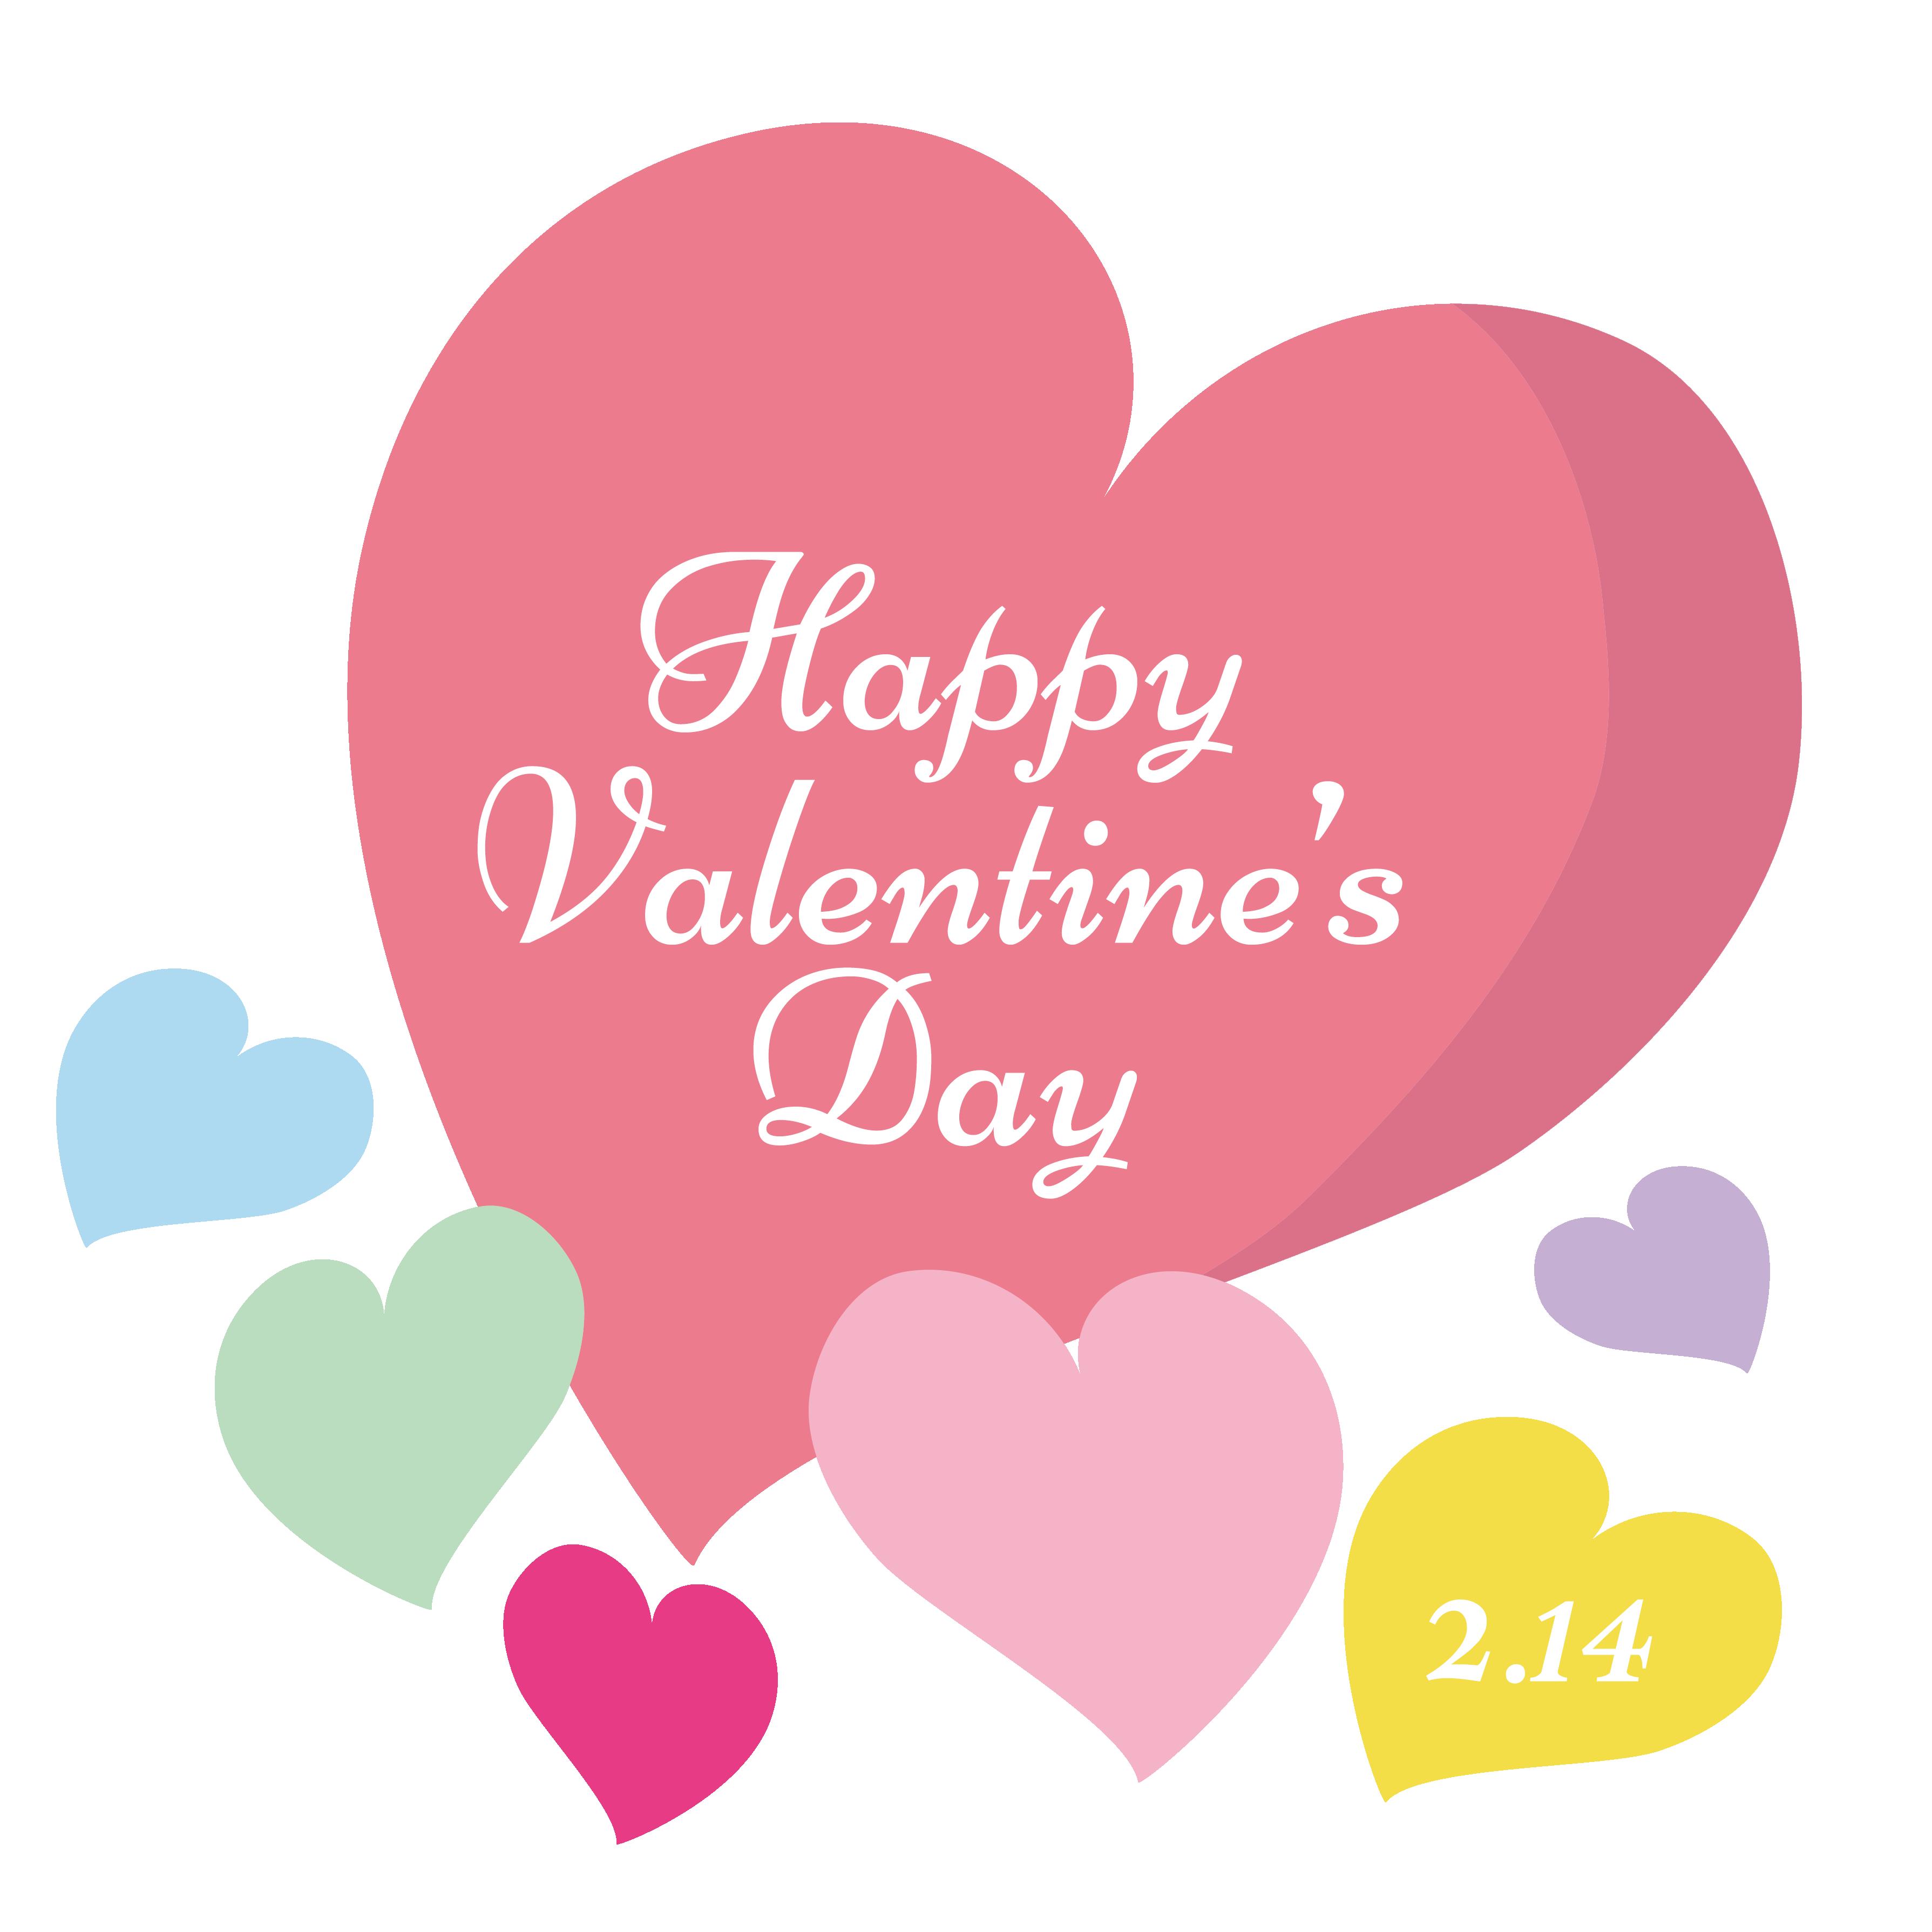 ハッピー バレンタイン デー ハッピーバレンタインデー!あなたの恋人に愛の言葉を英文で伝えよう...